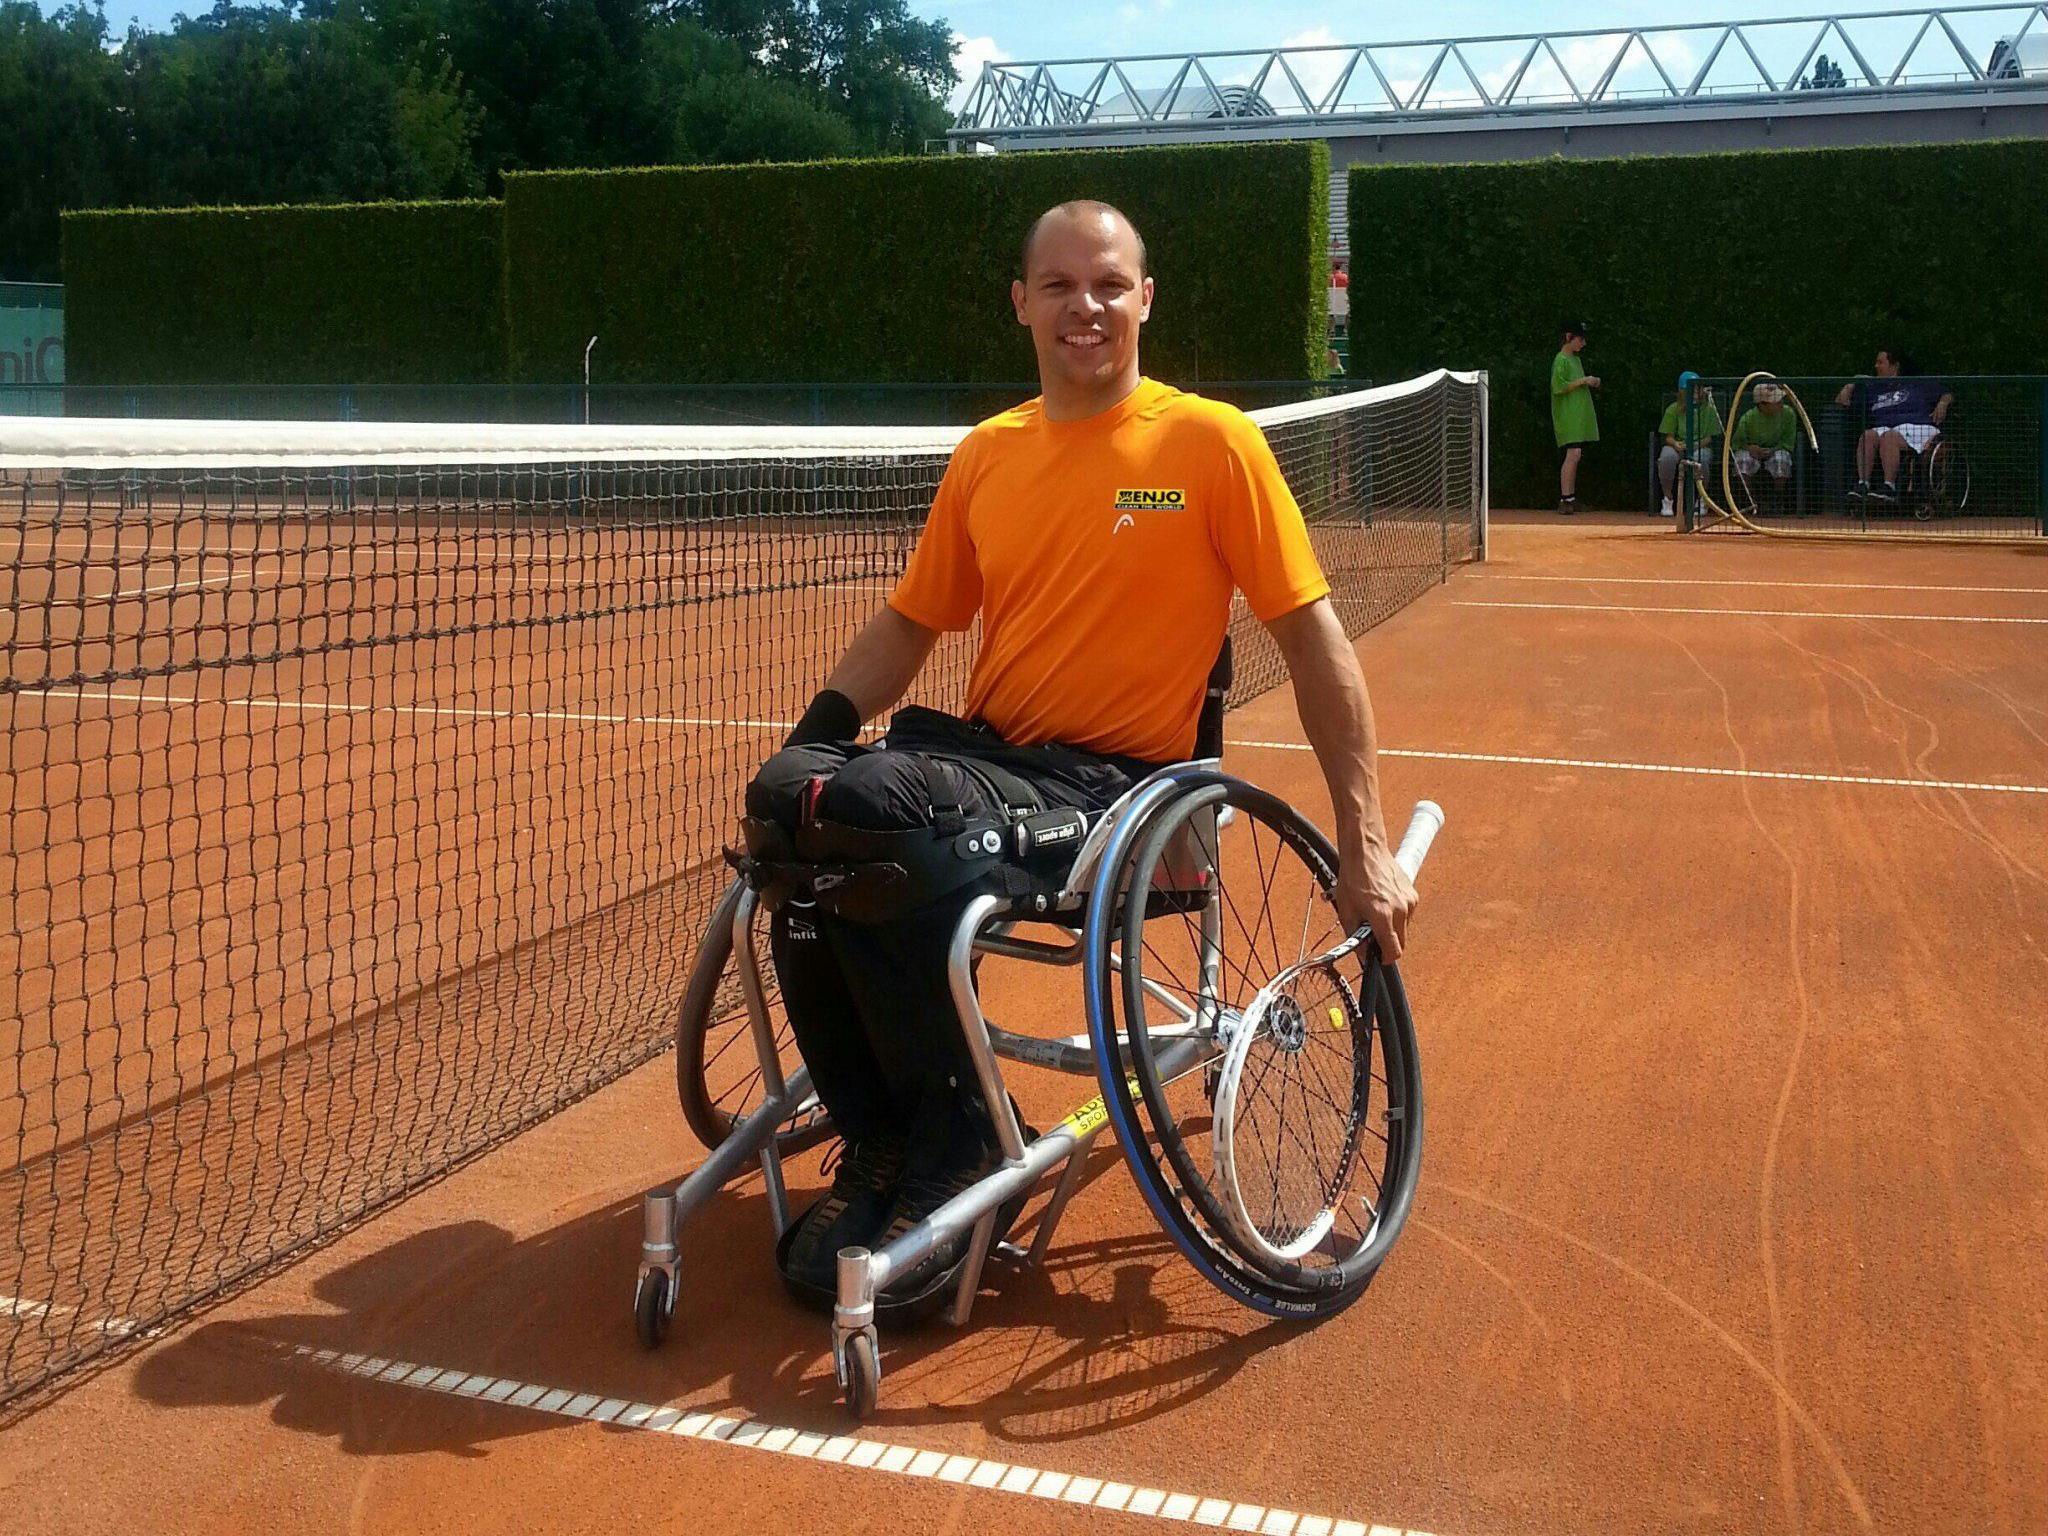 Vierter Turniersieg für Thomas Flax im Tennis Doppelbewerb.